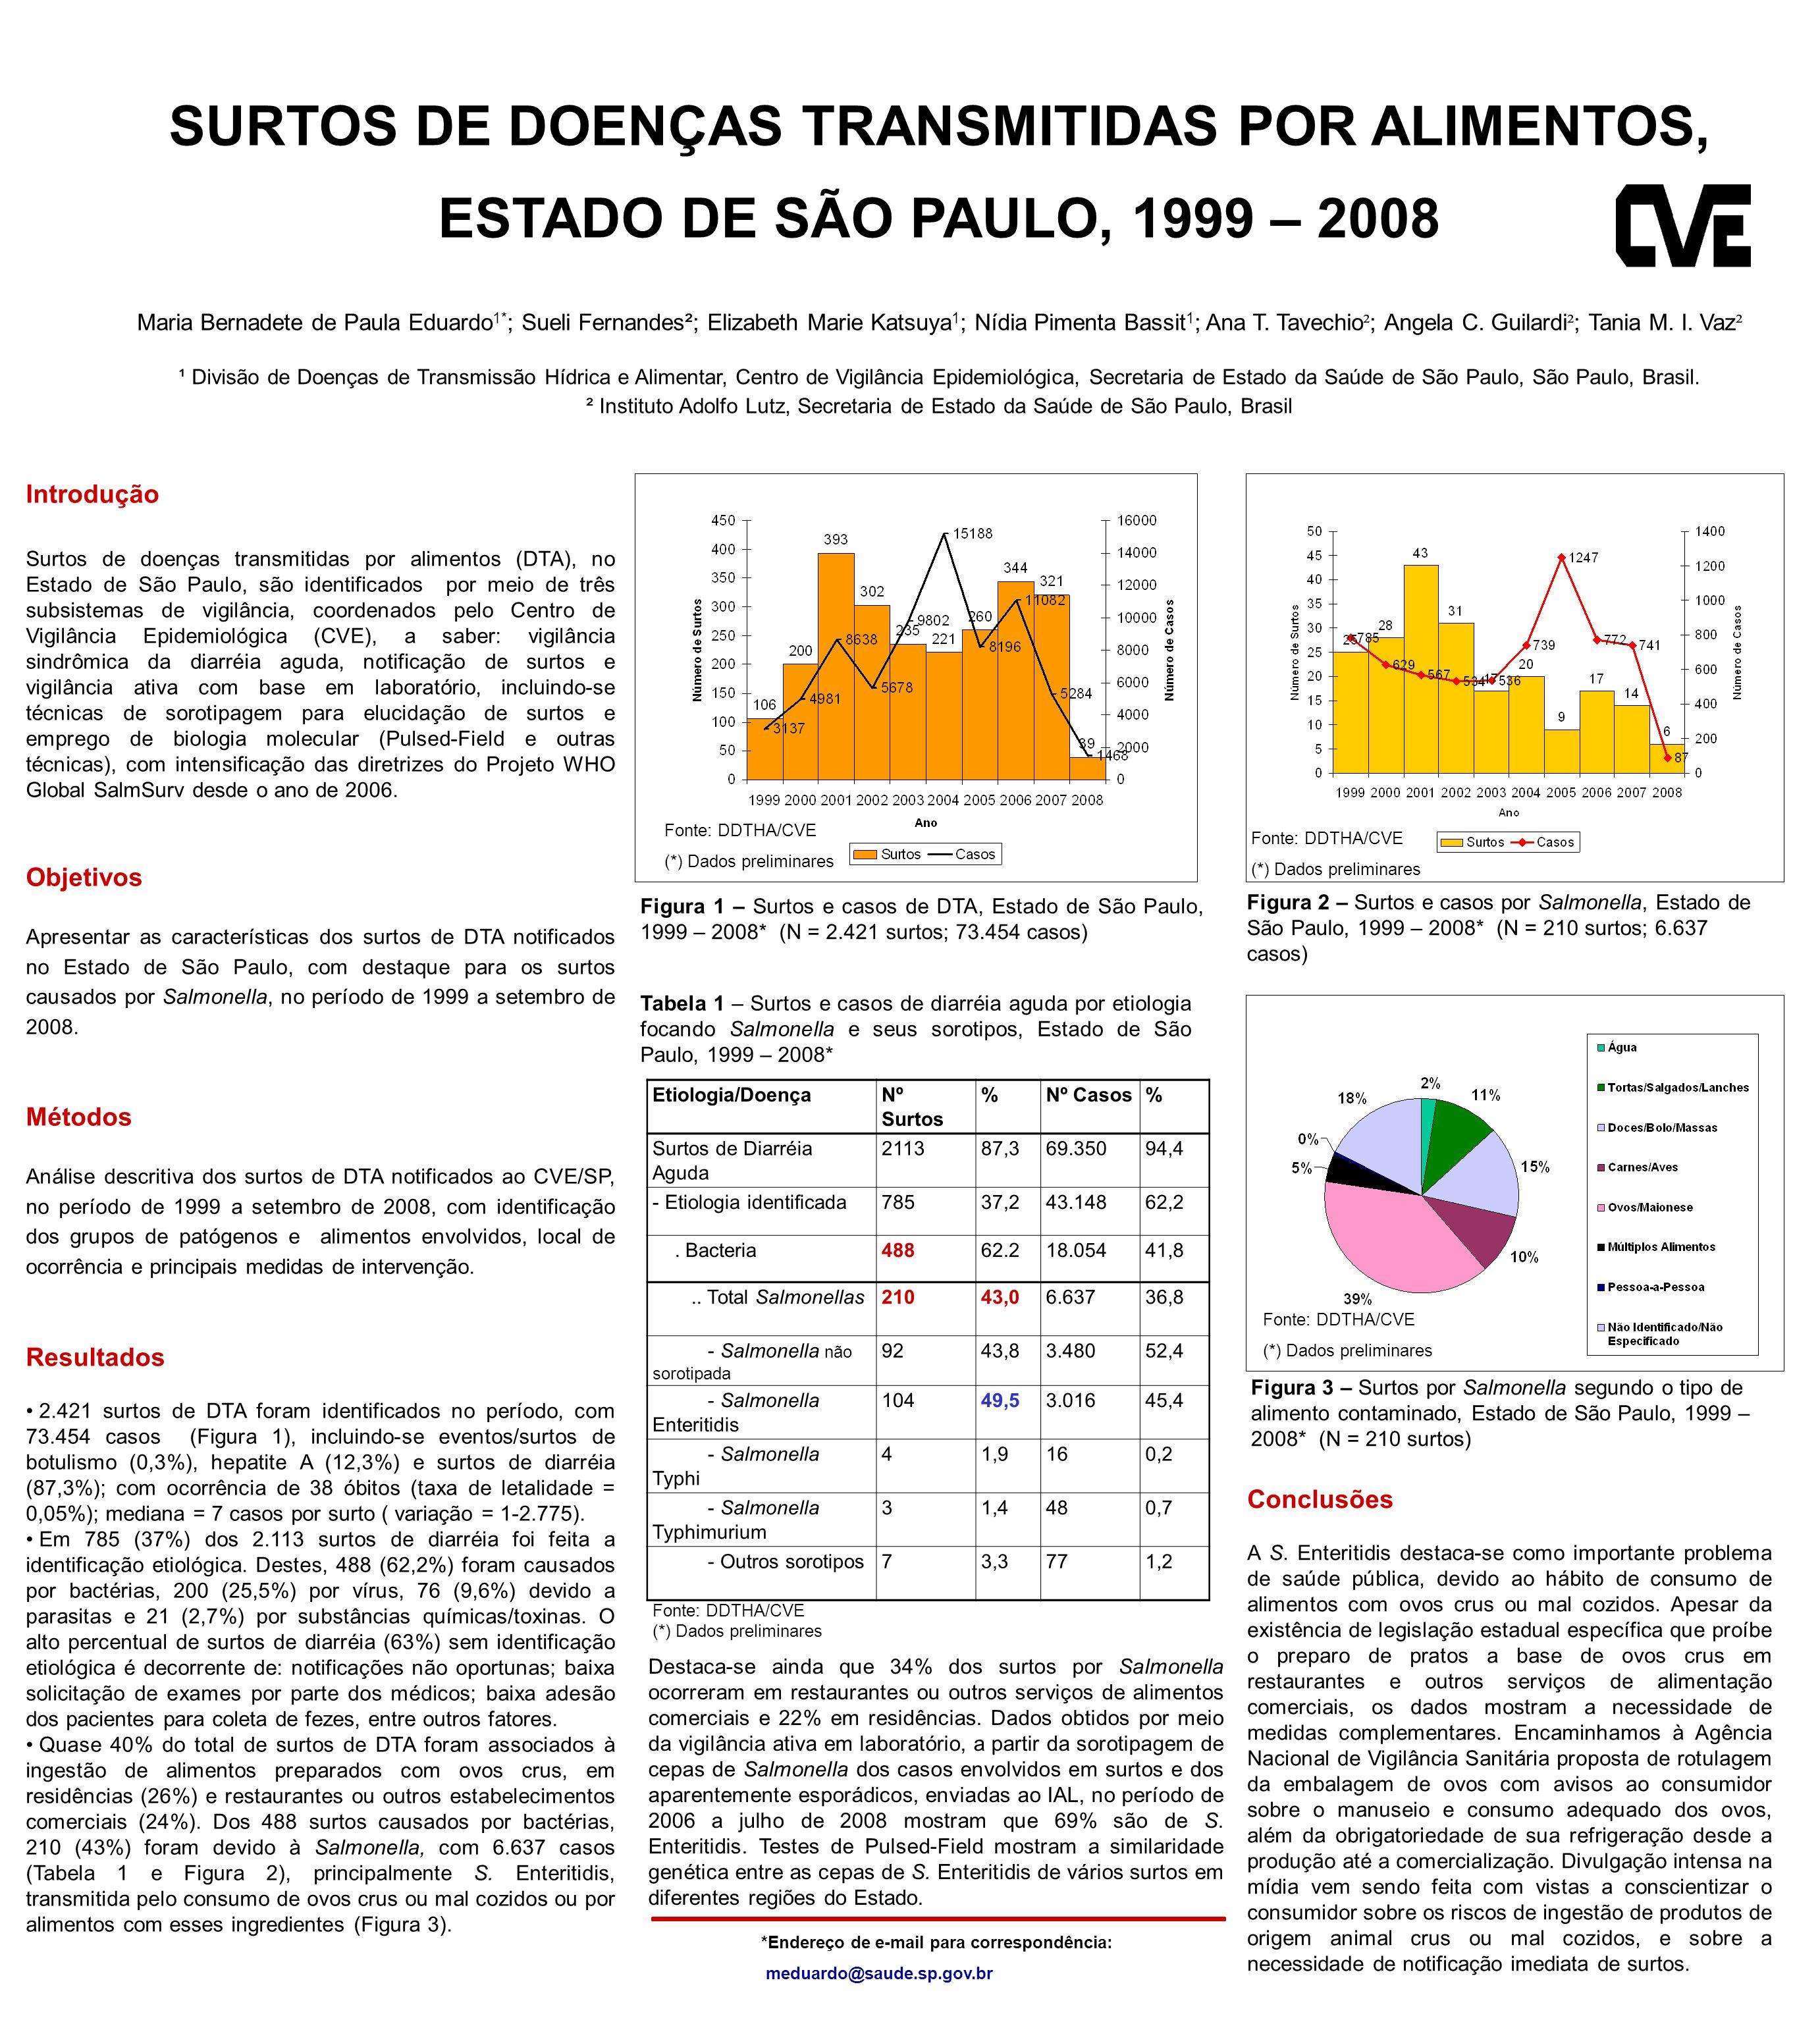 SURTOS DE DOENÇAS TRANSMITIDAS POR ALIMENTOS, ESTADO DE SÃO PAULO, 1999 – 2008